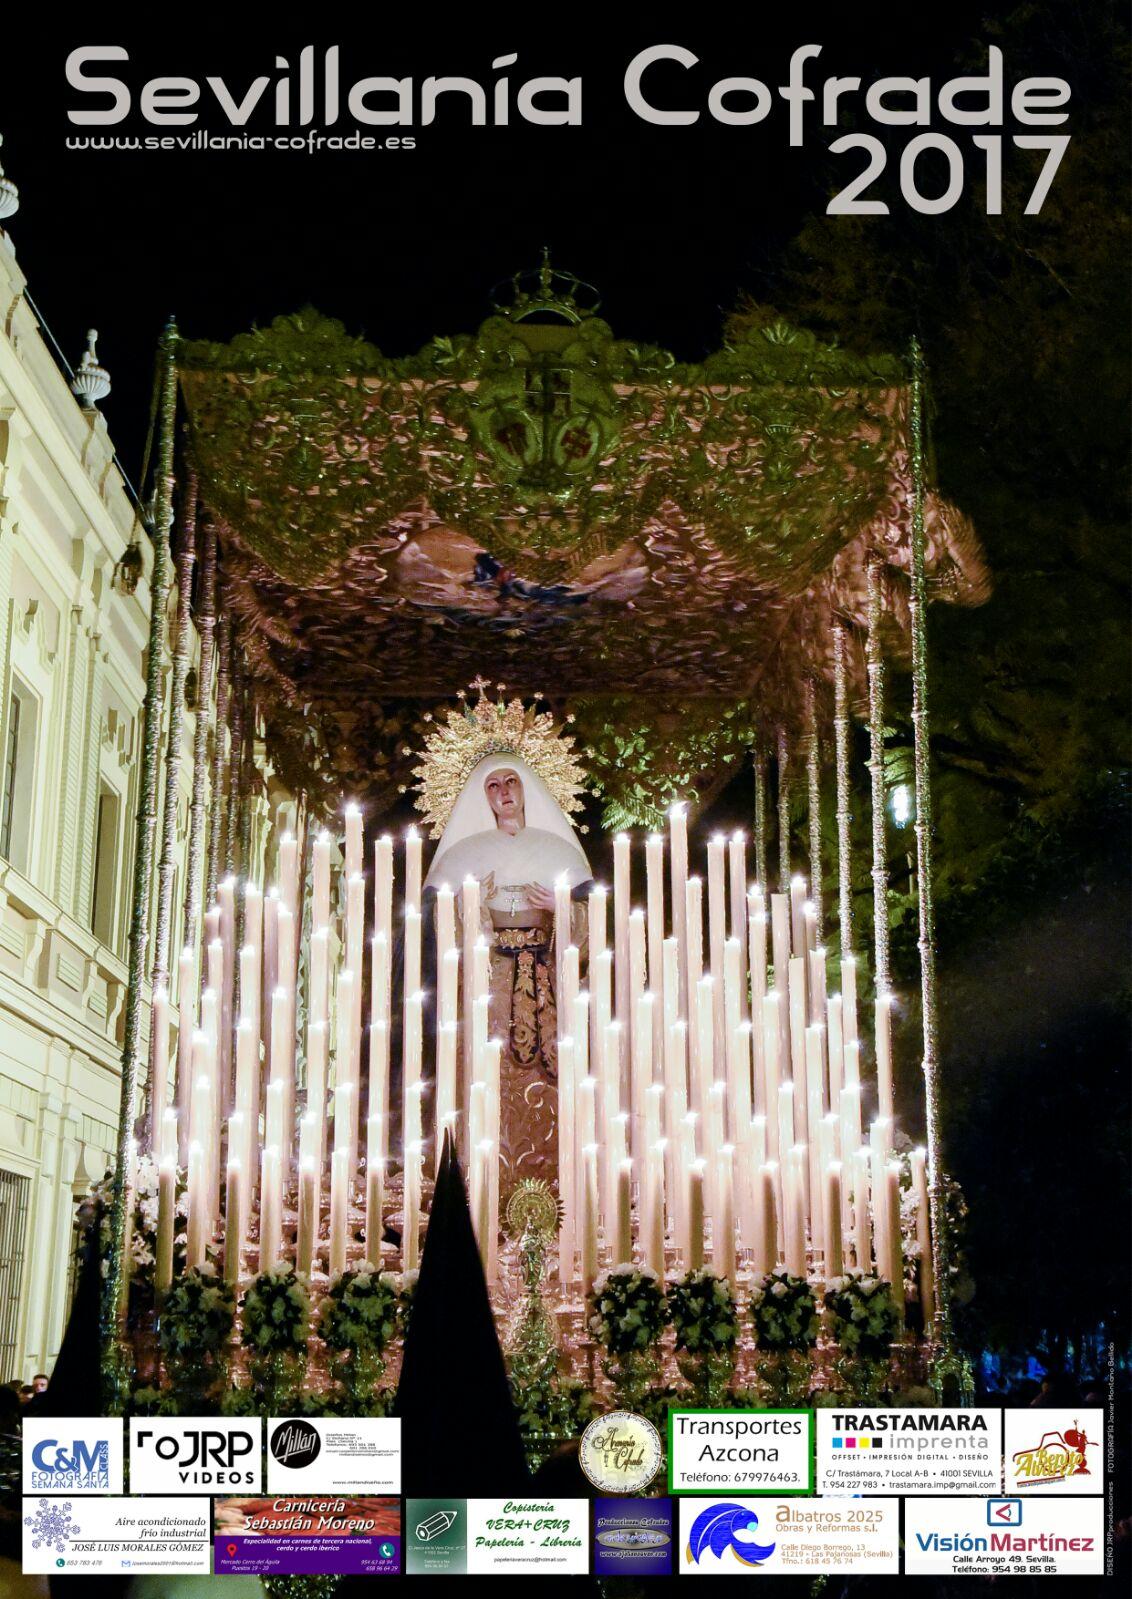 Cartel Sevillanía Cofrade 2017